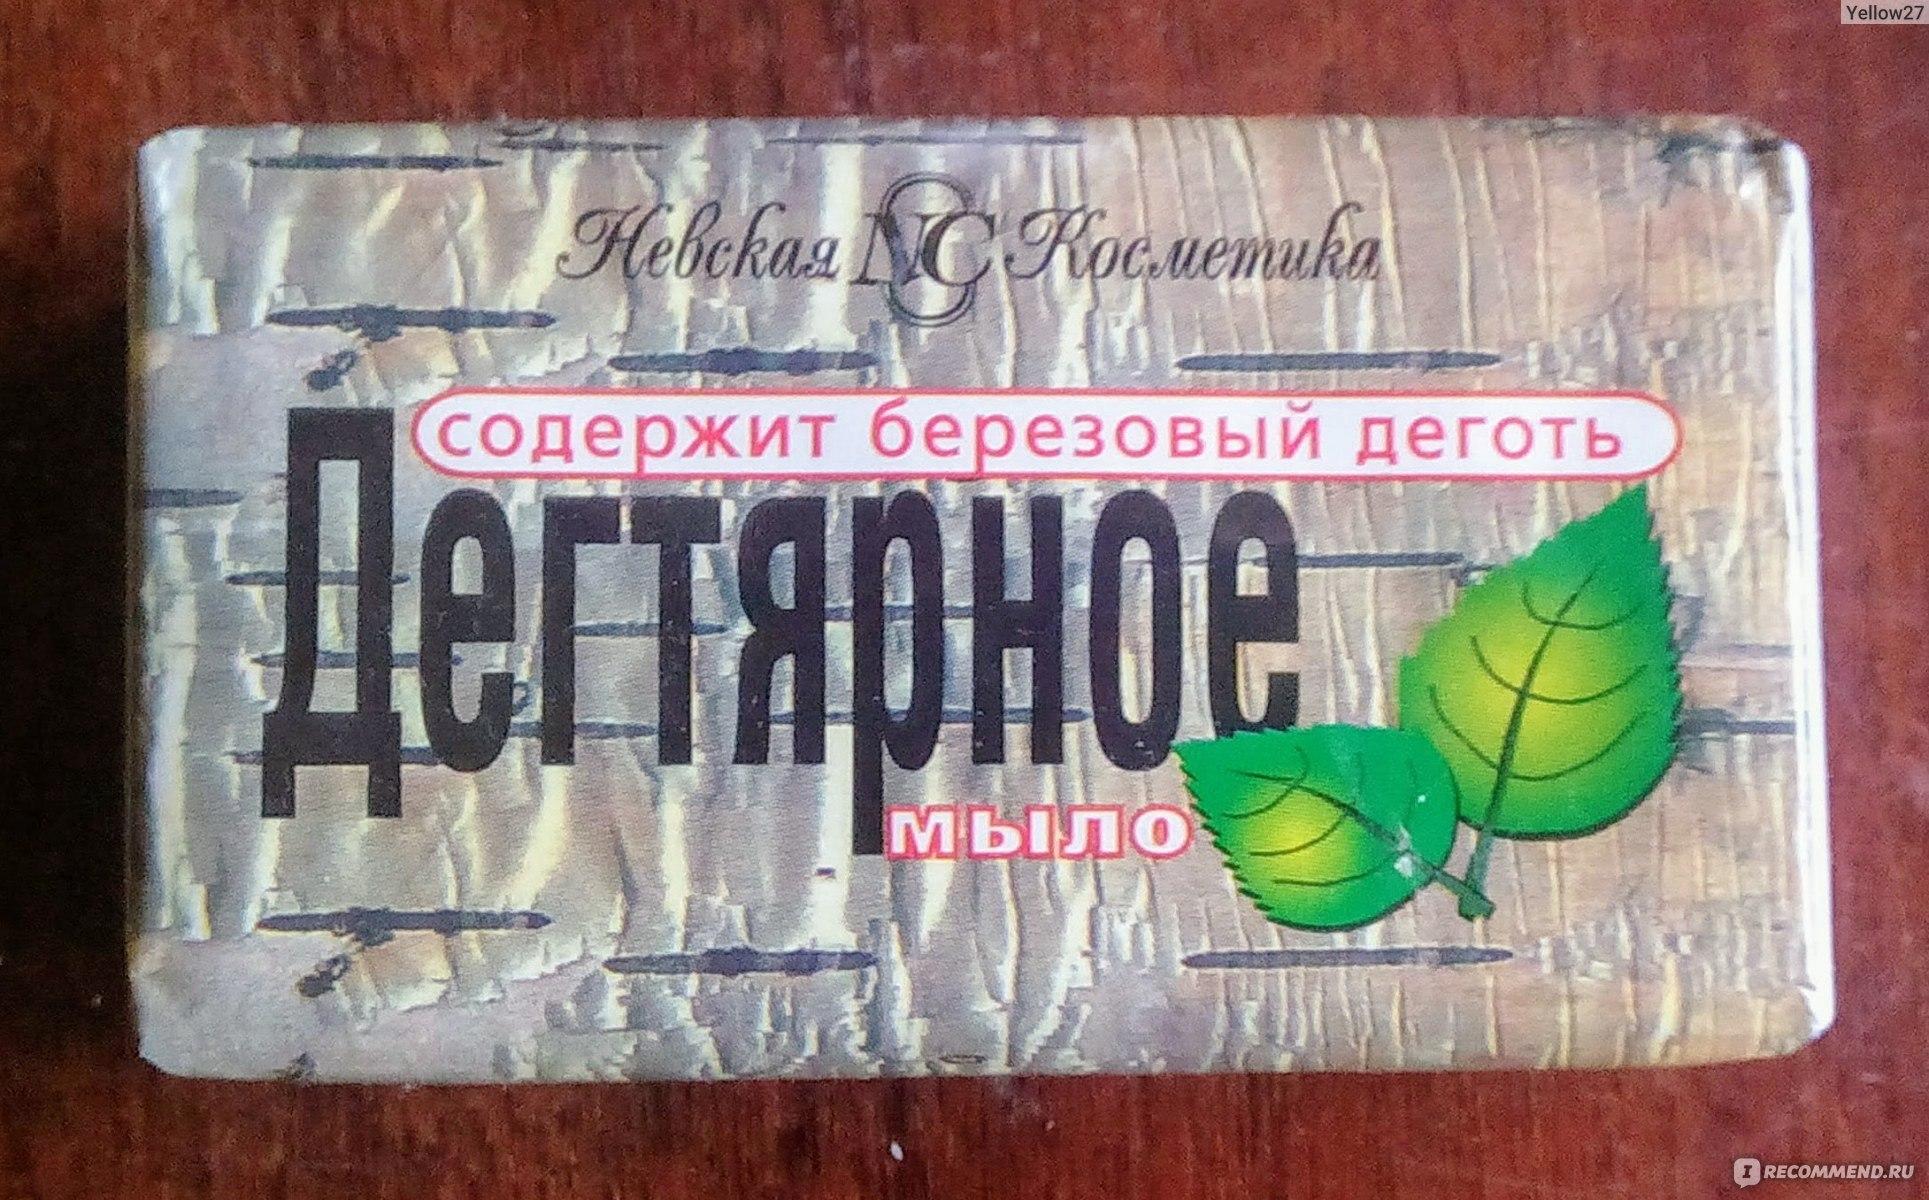 невская косметика мыло дегтярное купить москва